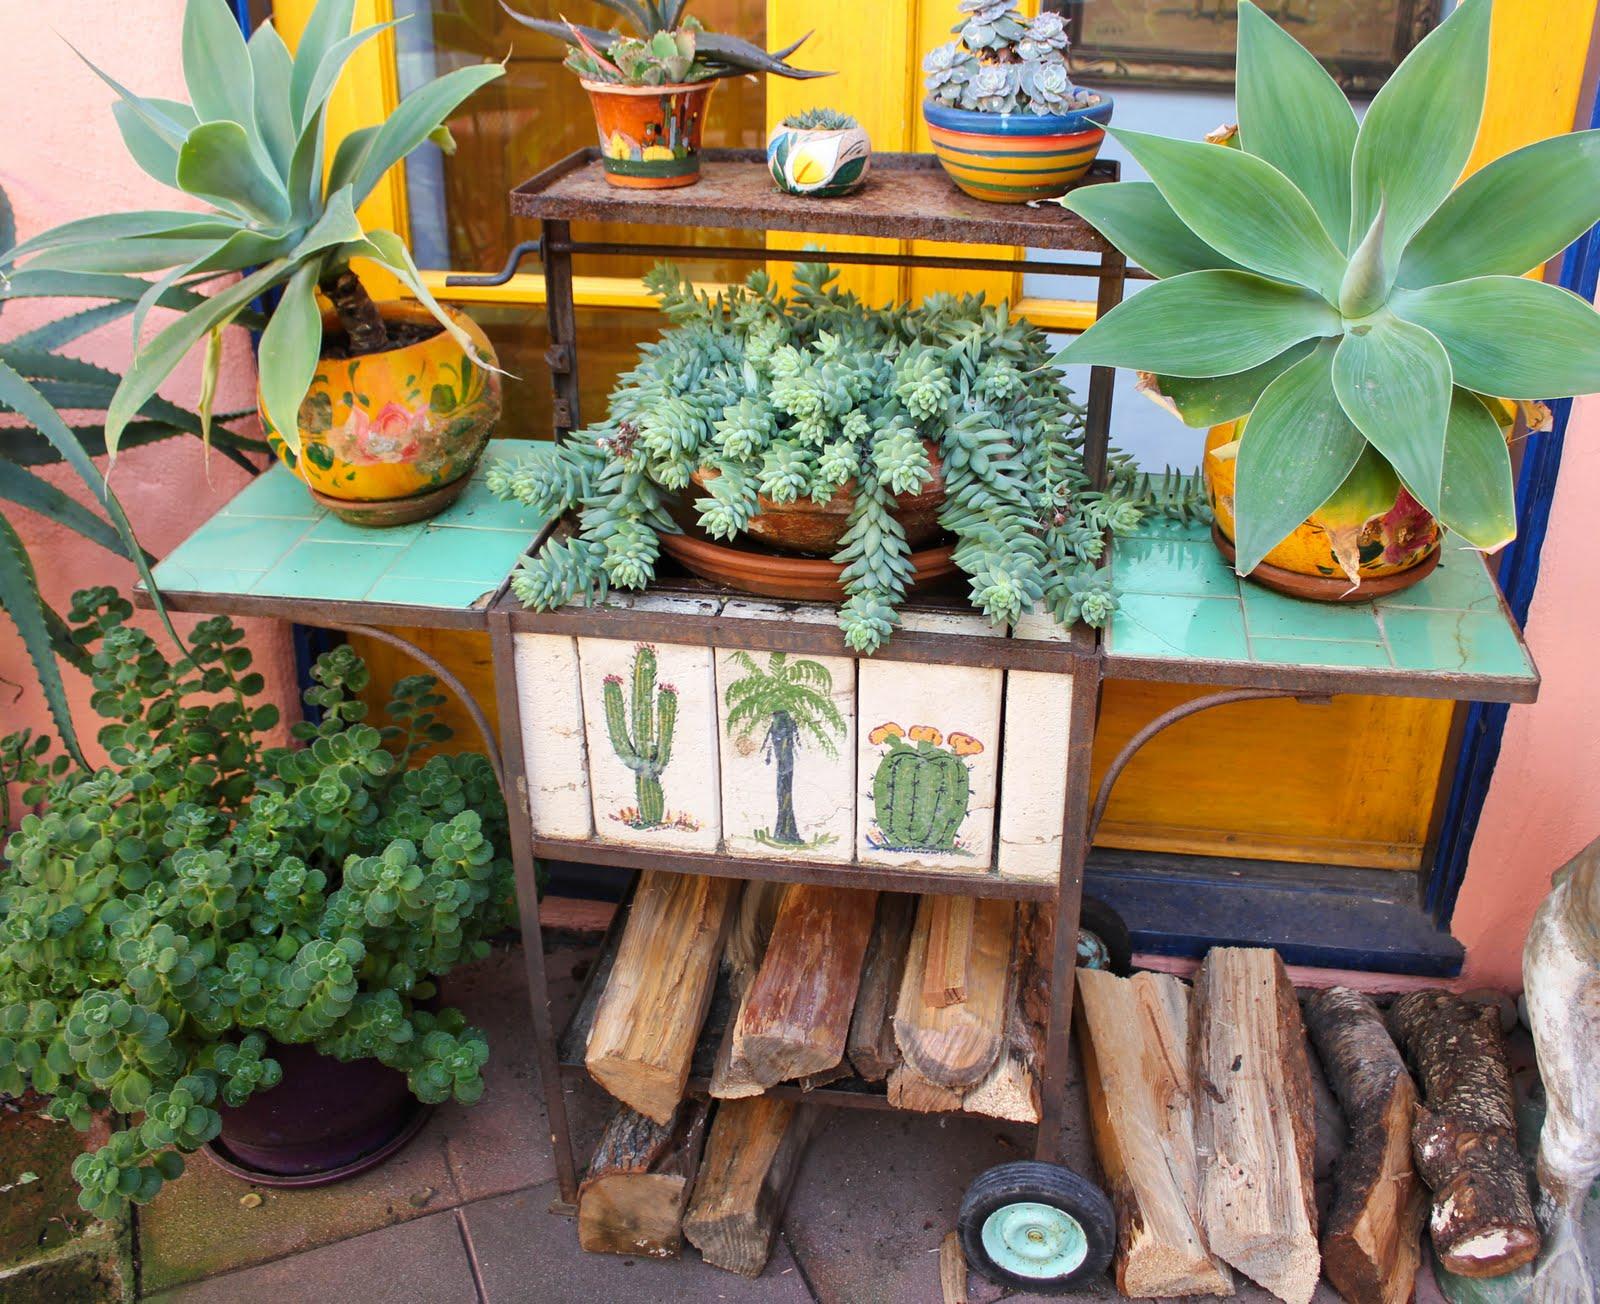 Mexican Gardens on Pinterest | Mexican Garden, San Miguel ... on Mexican Backyard Decor  id=25128